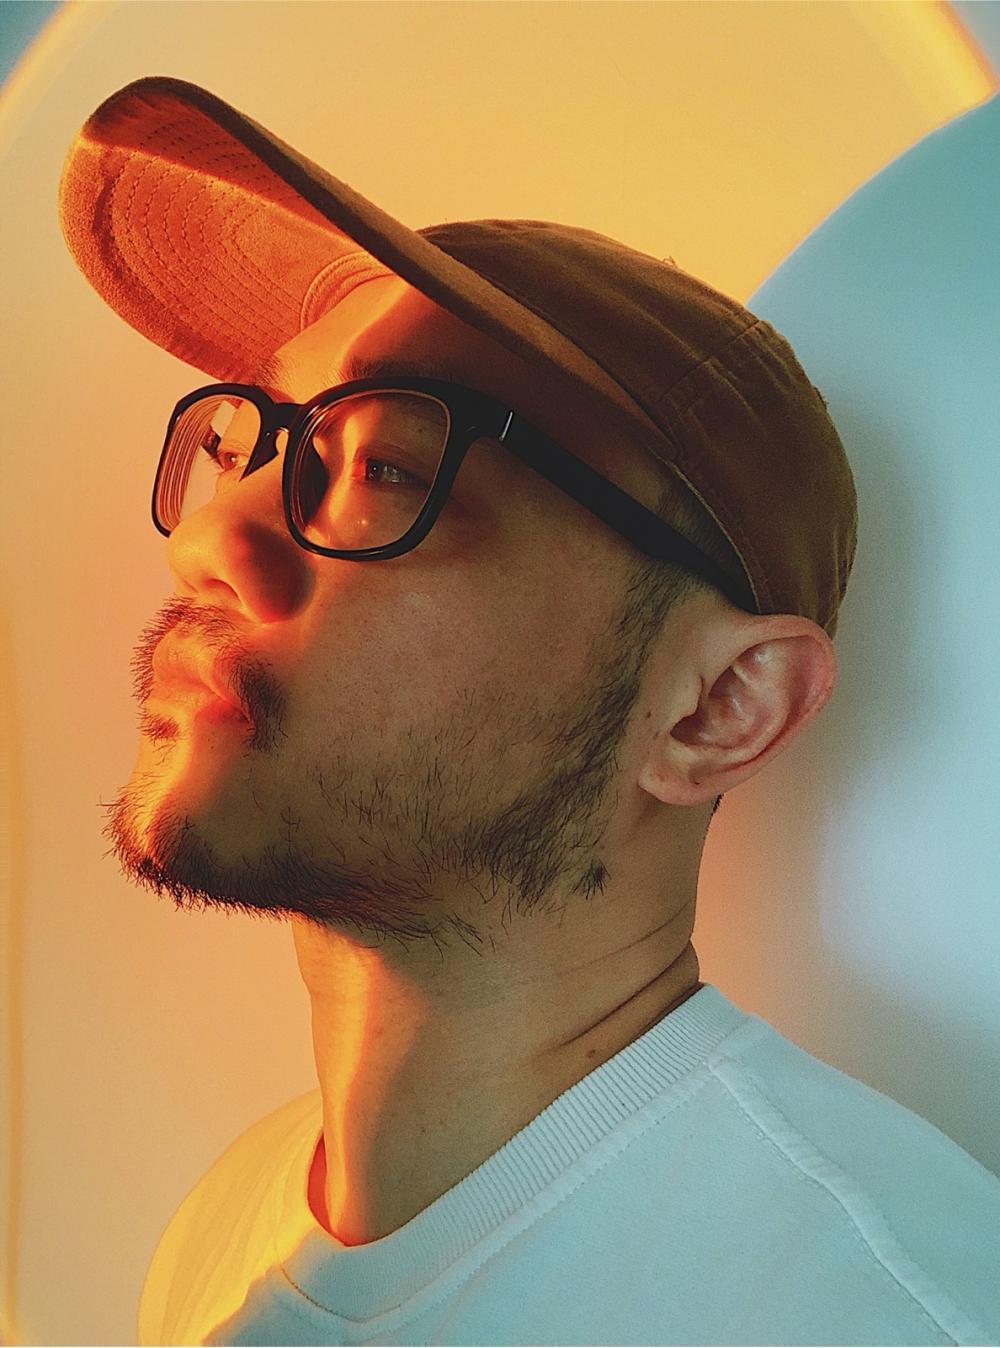 Oscar Qin